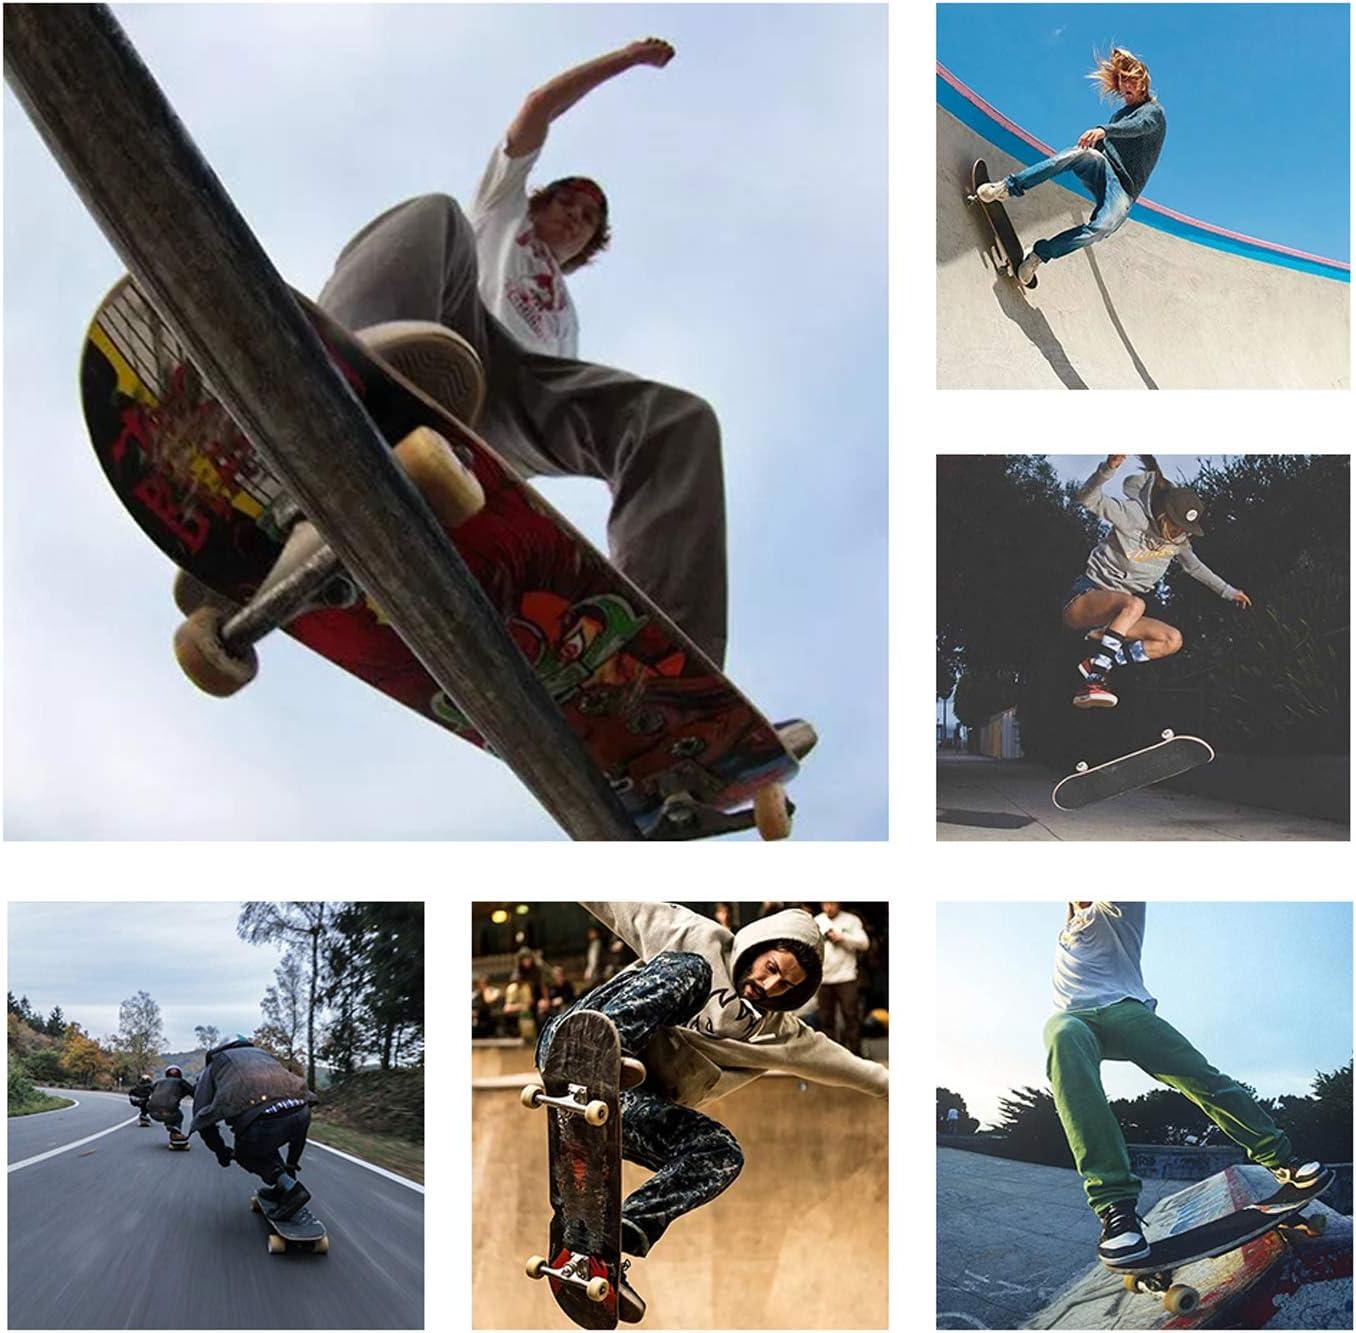 Kinderscooters, longboard skateboards, Skateboard 31